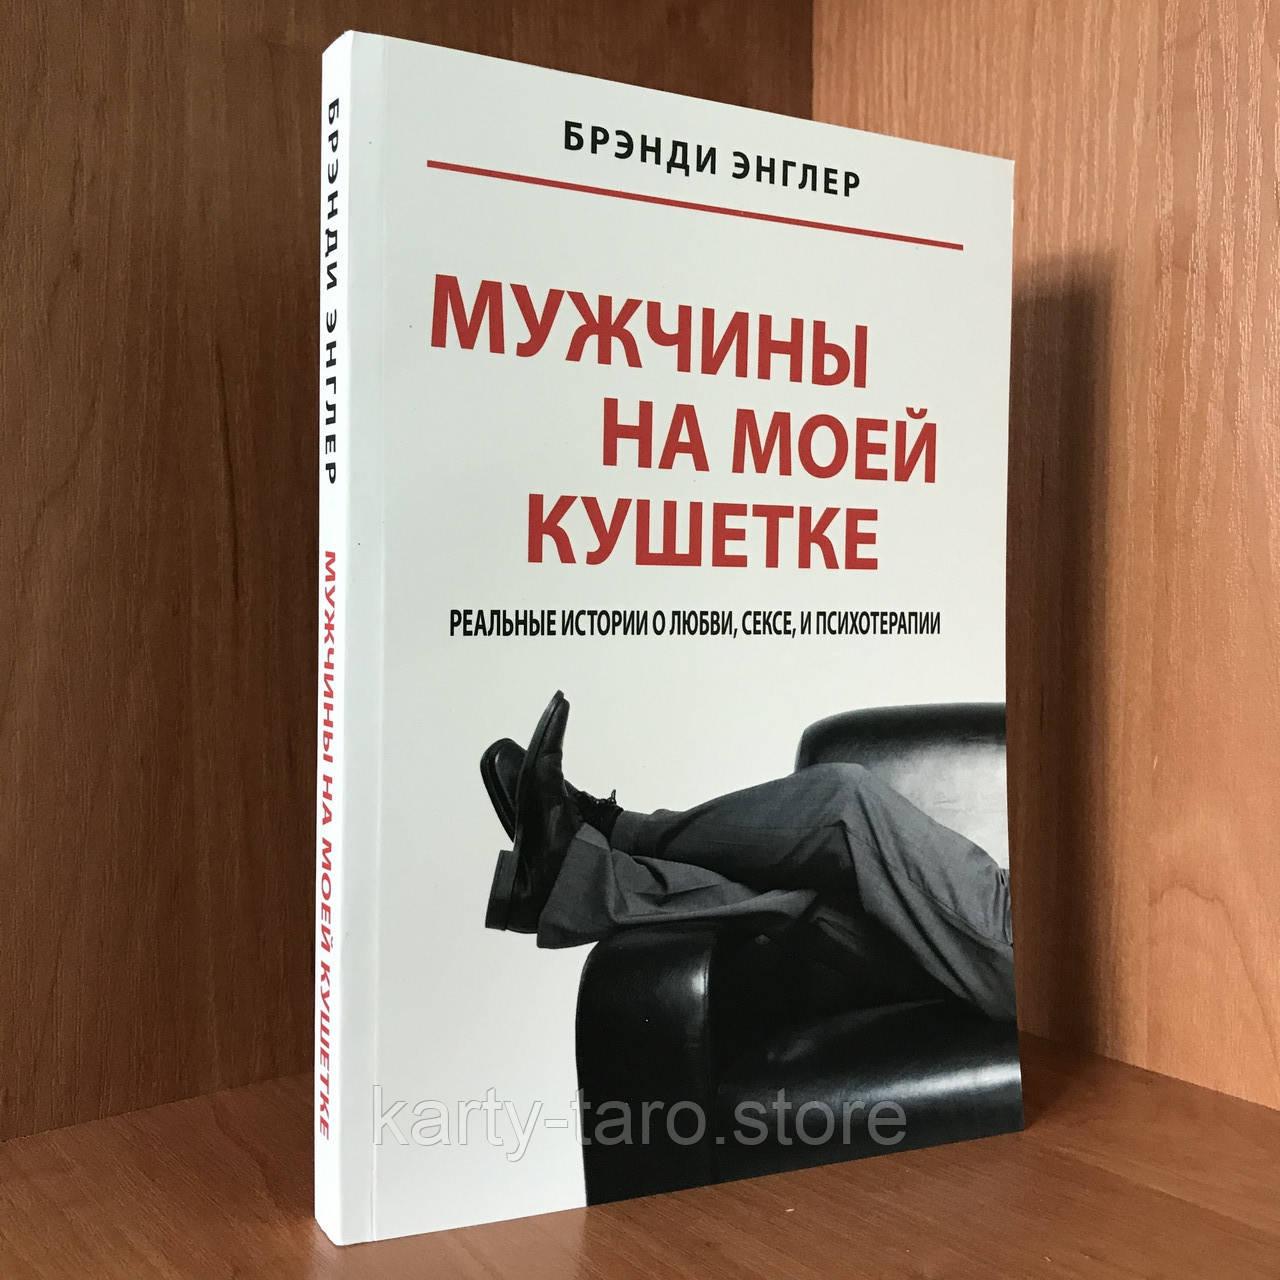 Книги Мужчины на моей кушетке - Брэнди Энглер